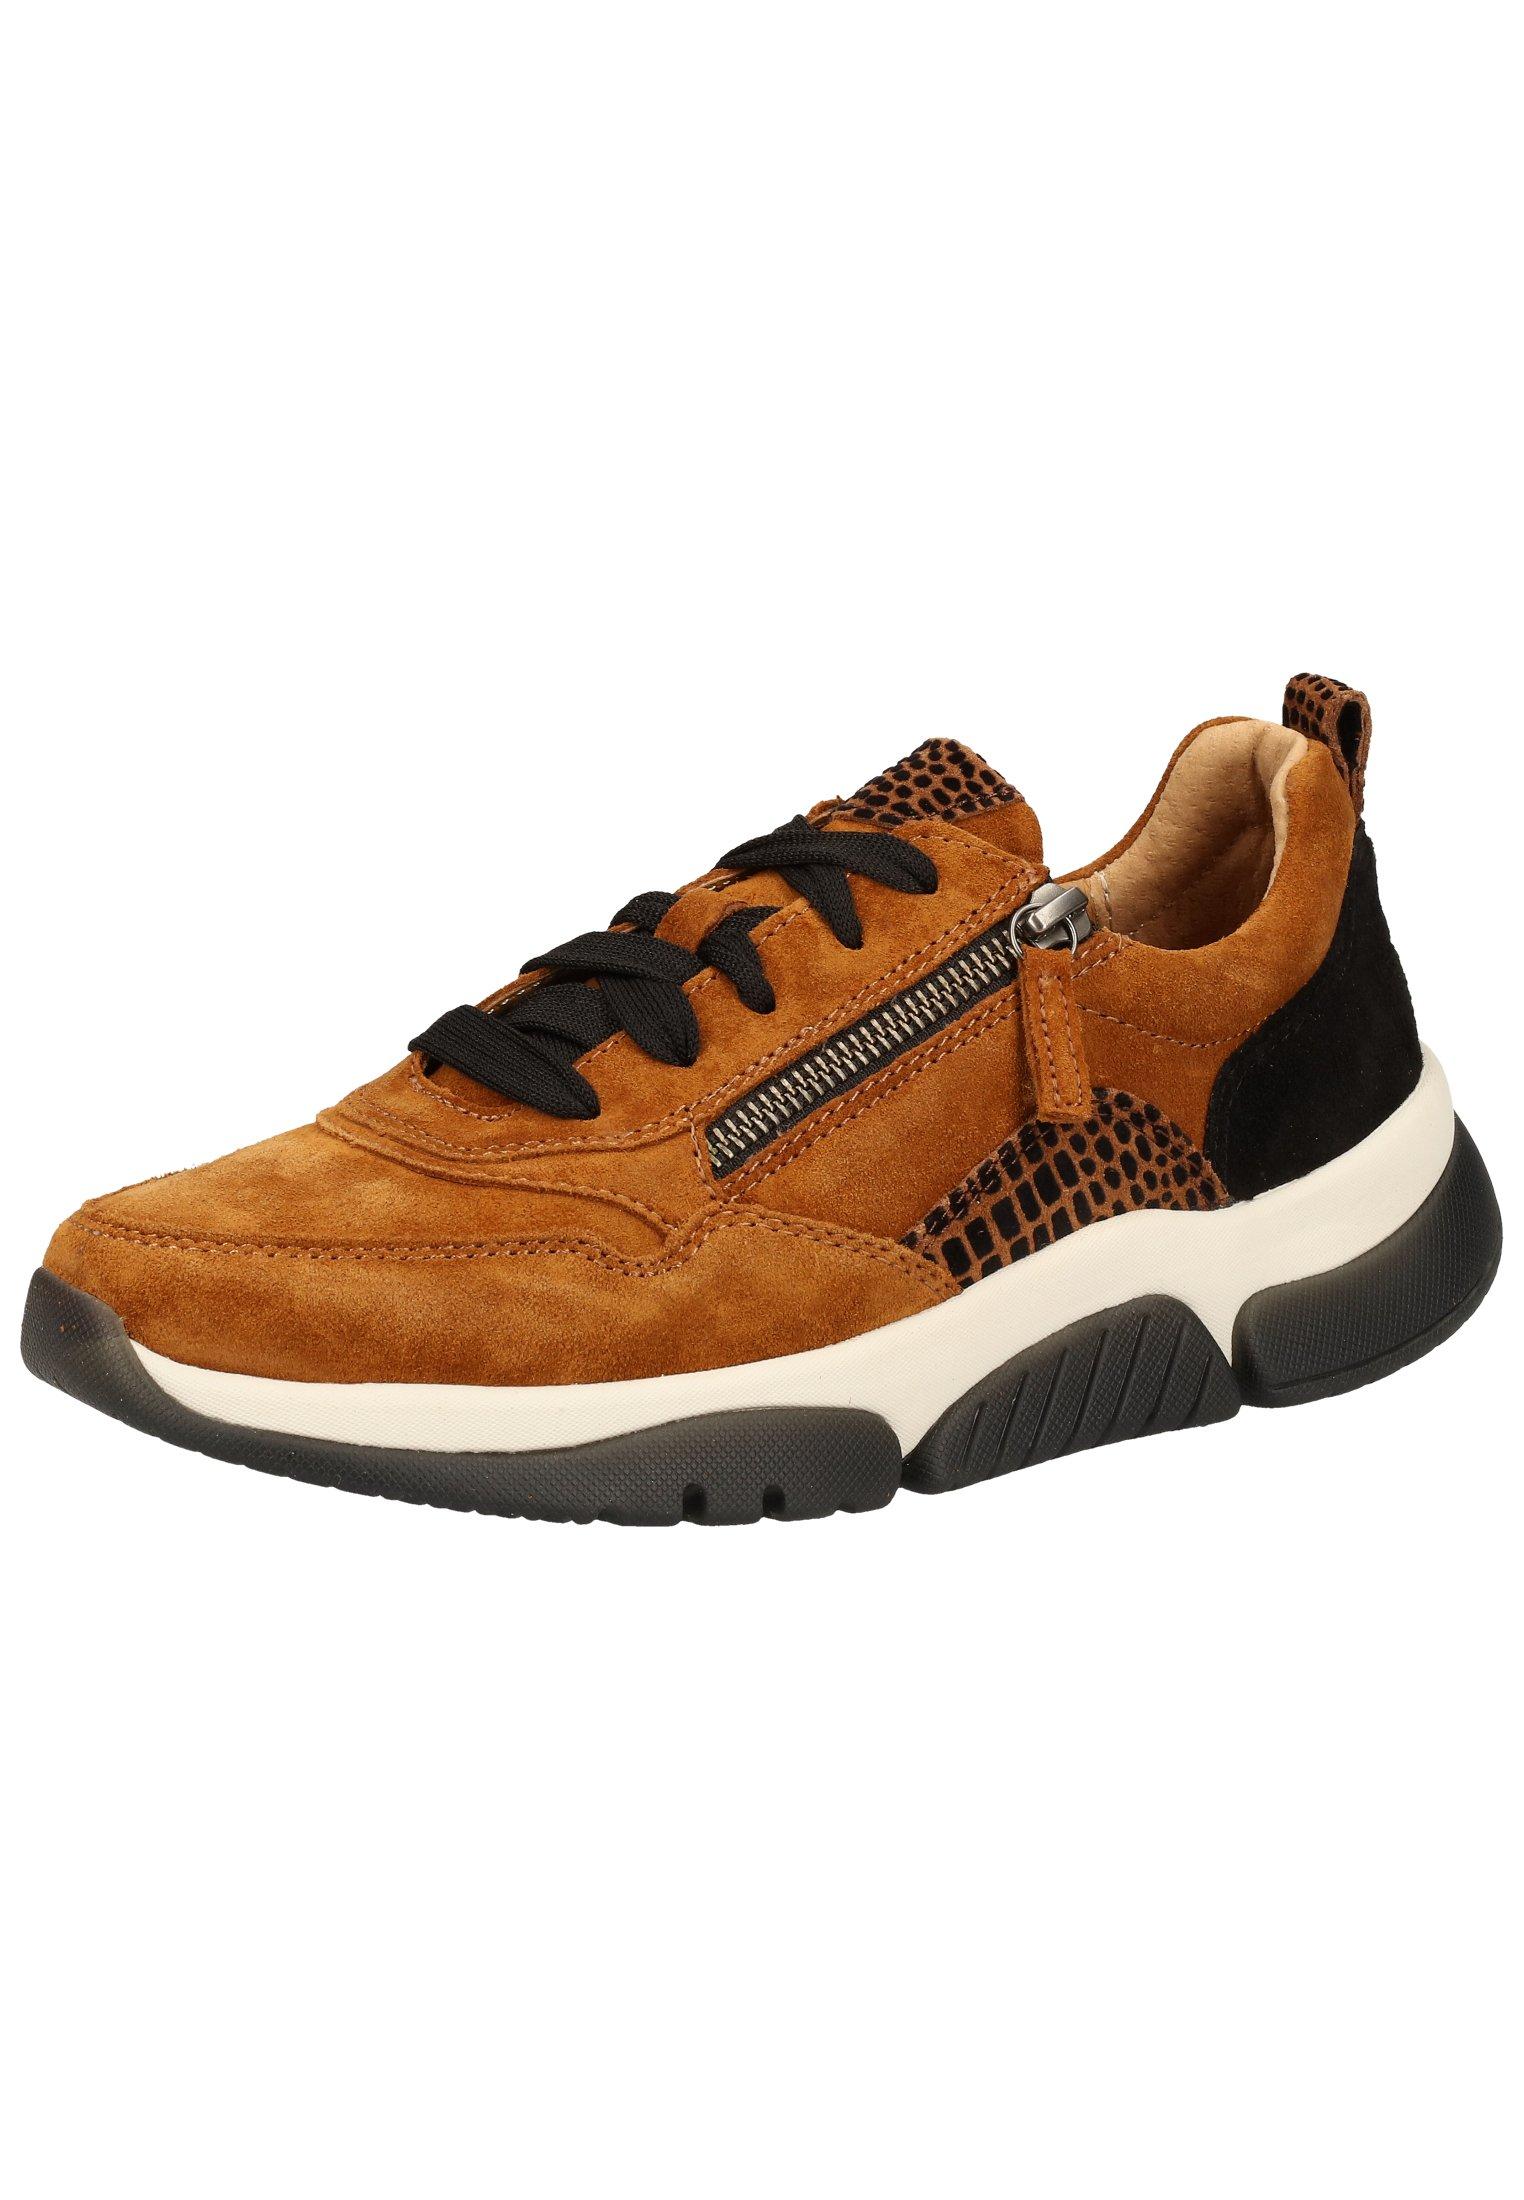 Gabor Sneaker low autumn/rostschwarz/hellbraun